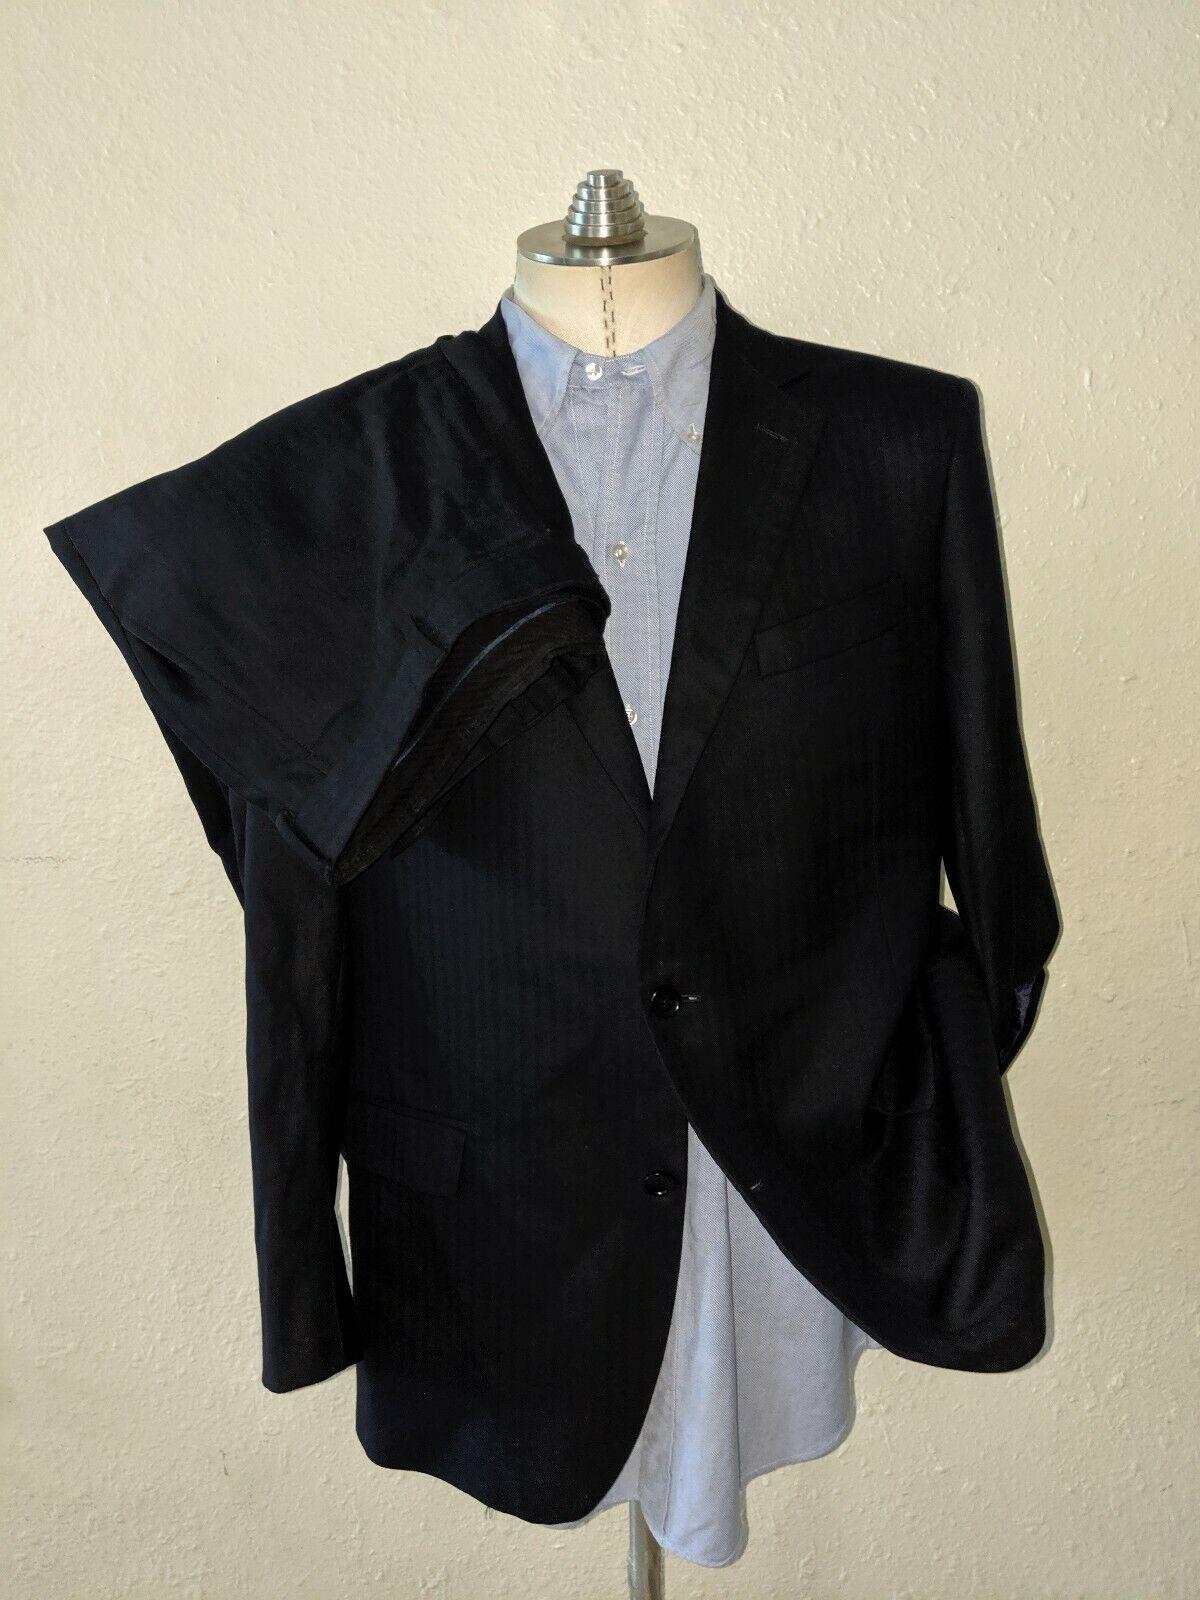 Brooks Brothers Fitzgerald Tonal Marineblau 2pc Anzug 43R Jacke Flach Vorne Hose